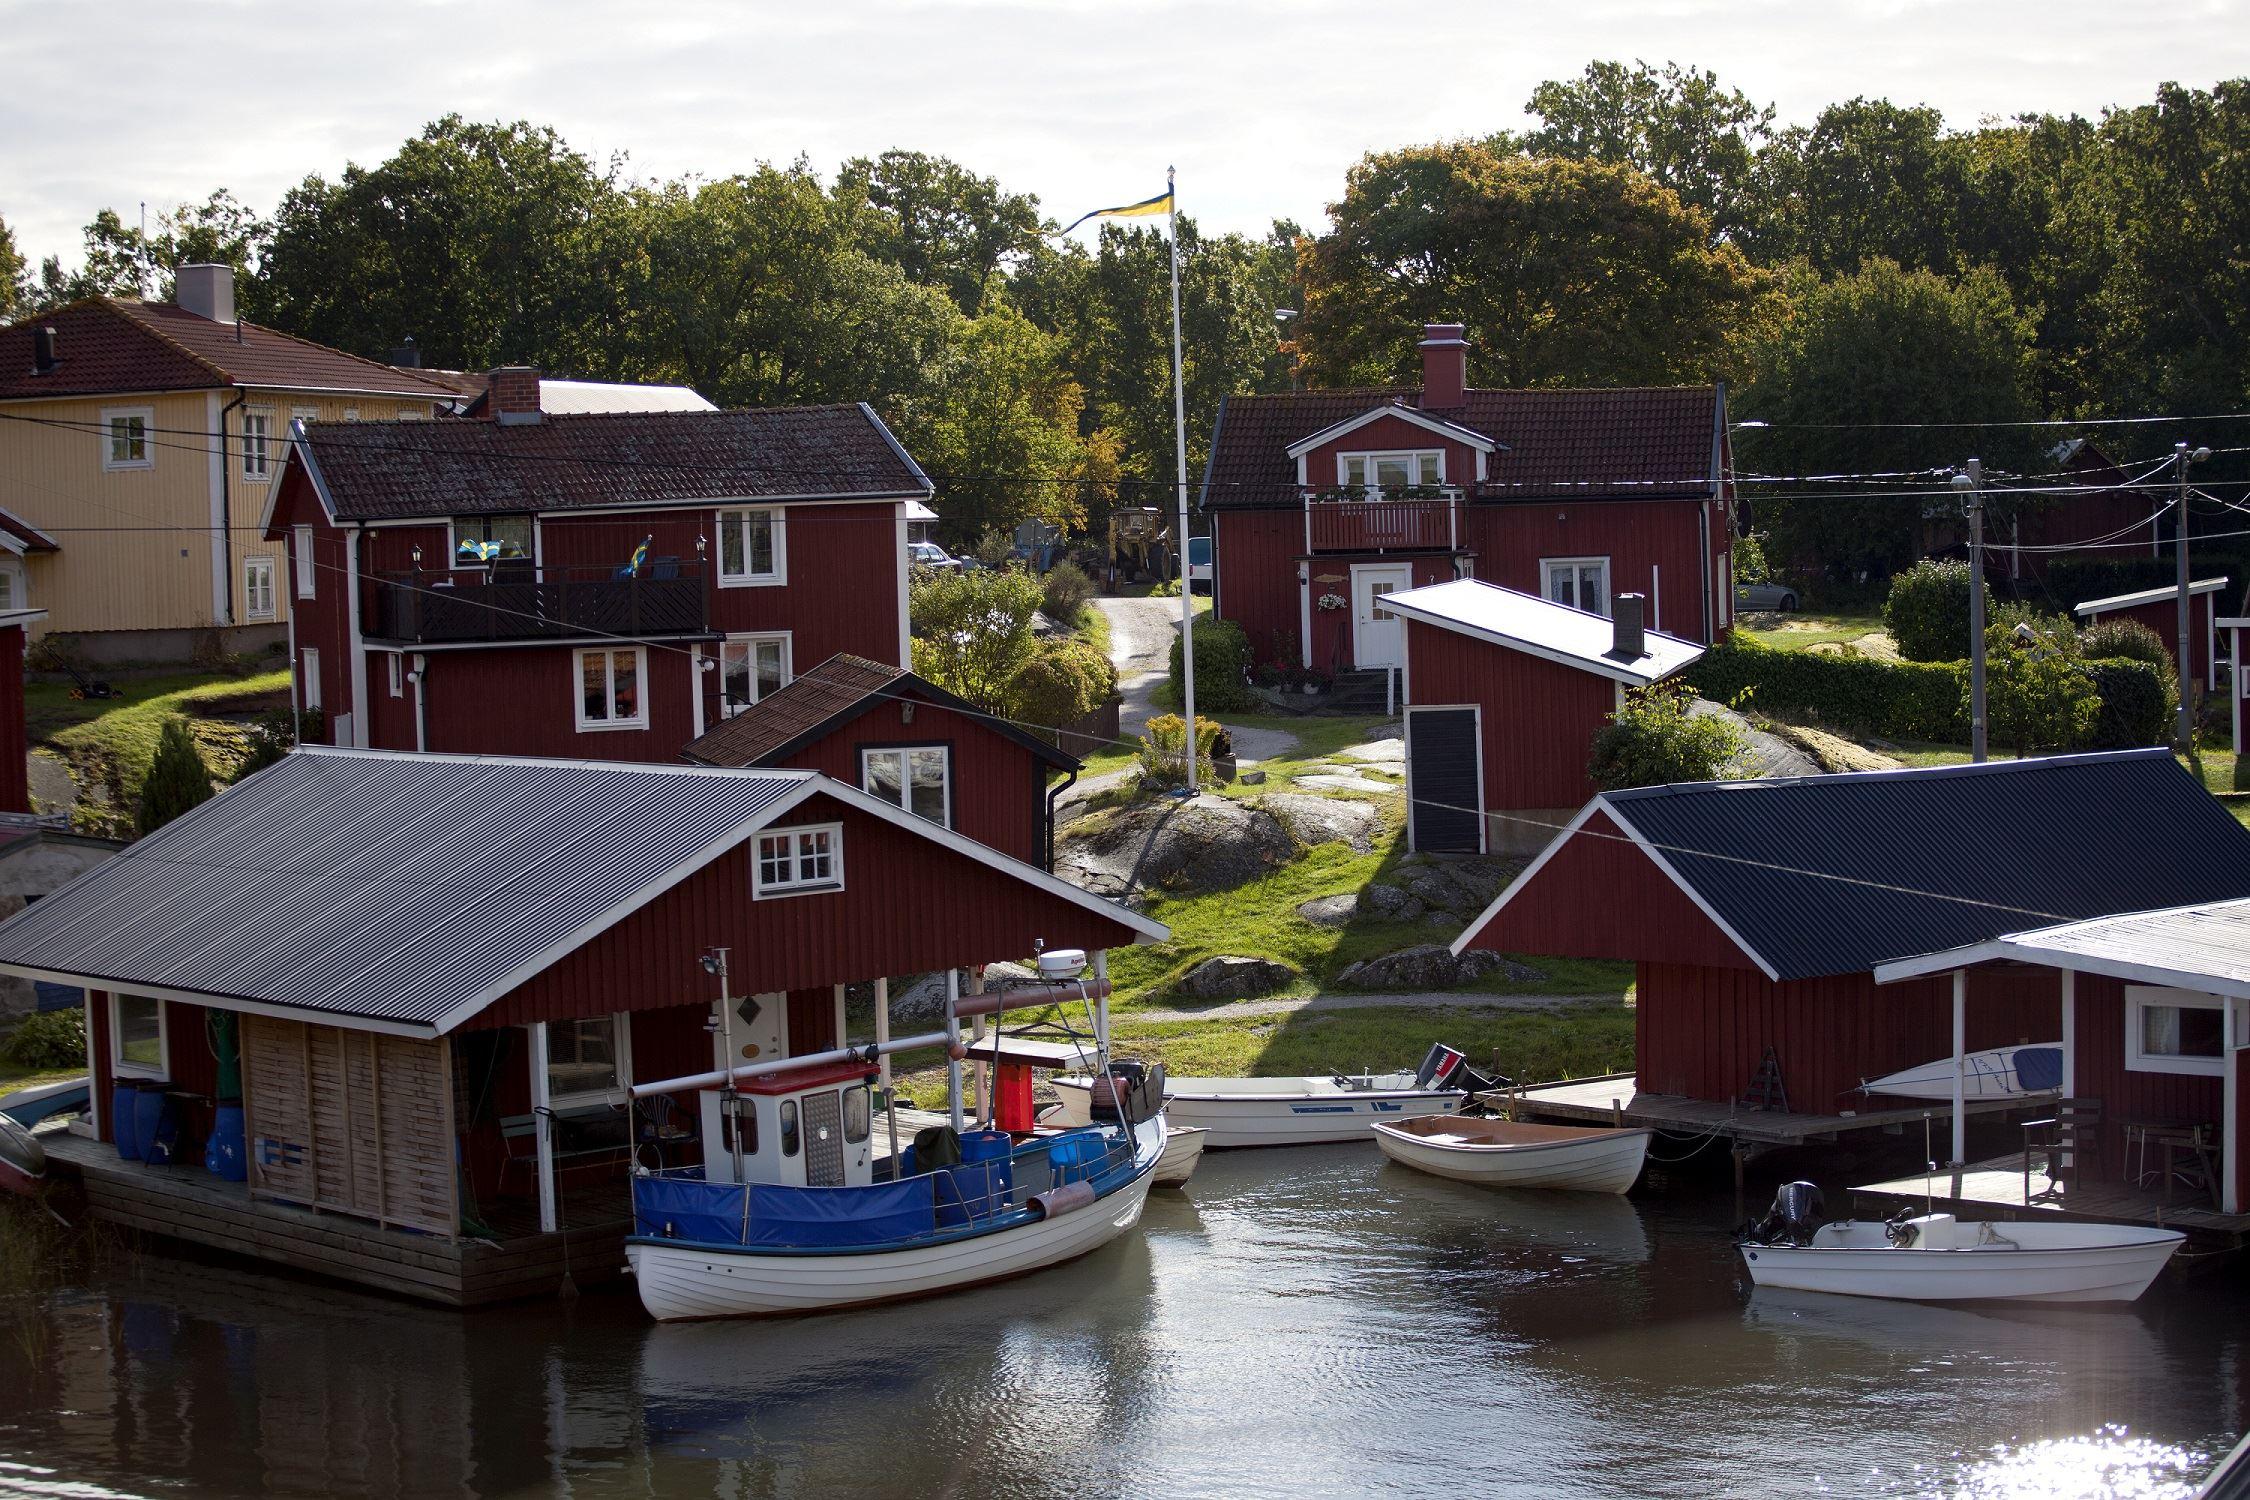 Archipelago Day at Händelöp